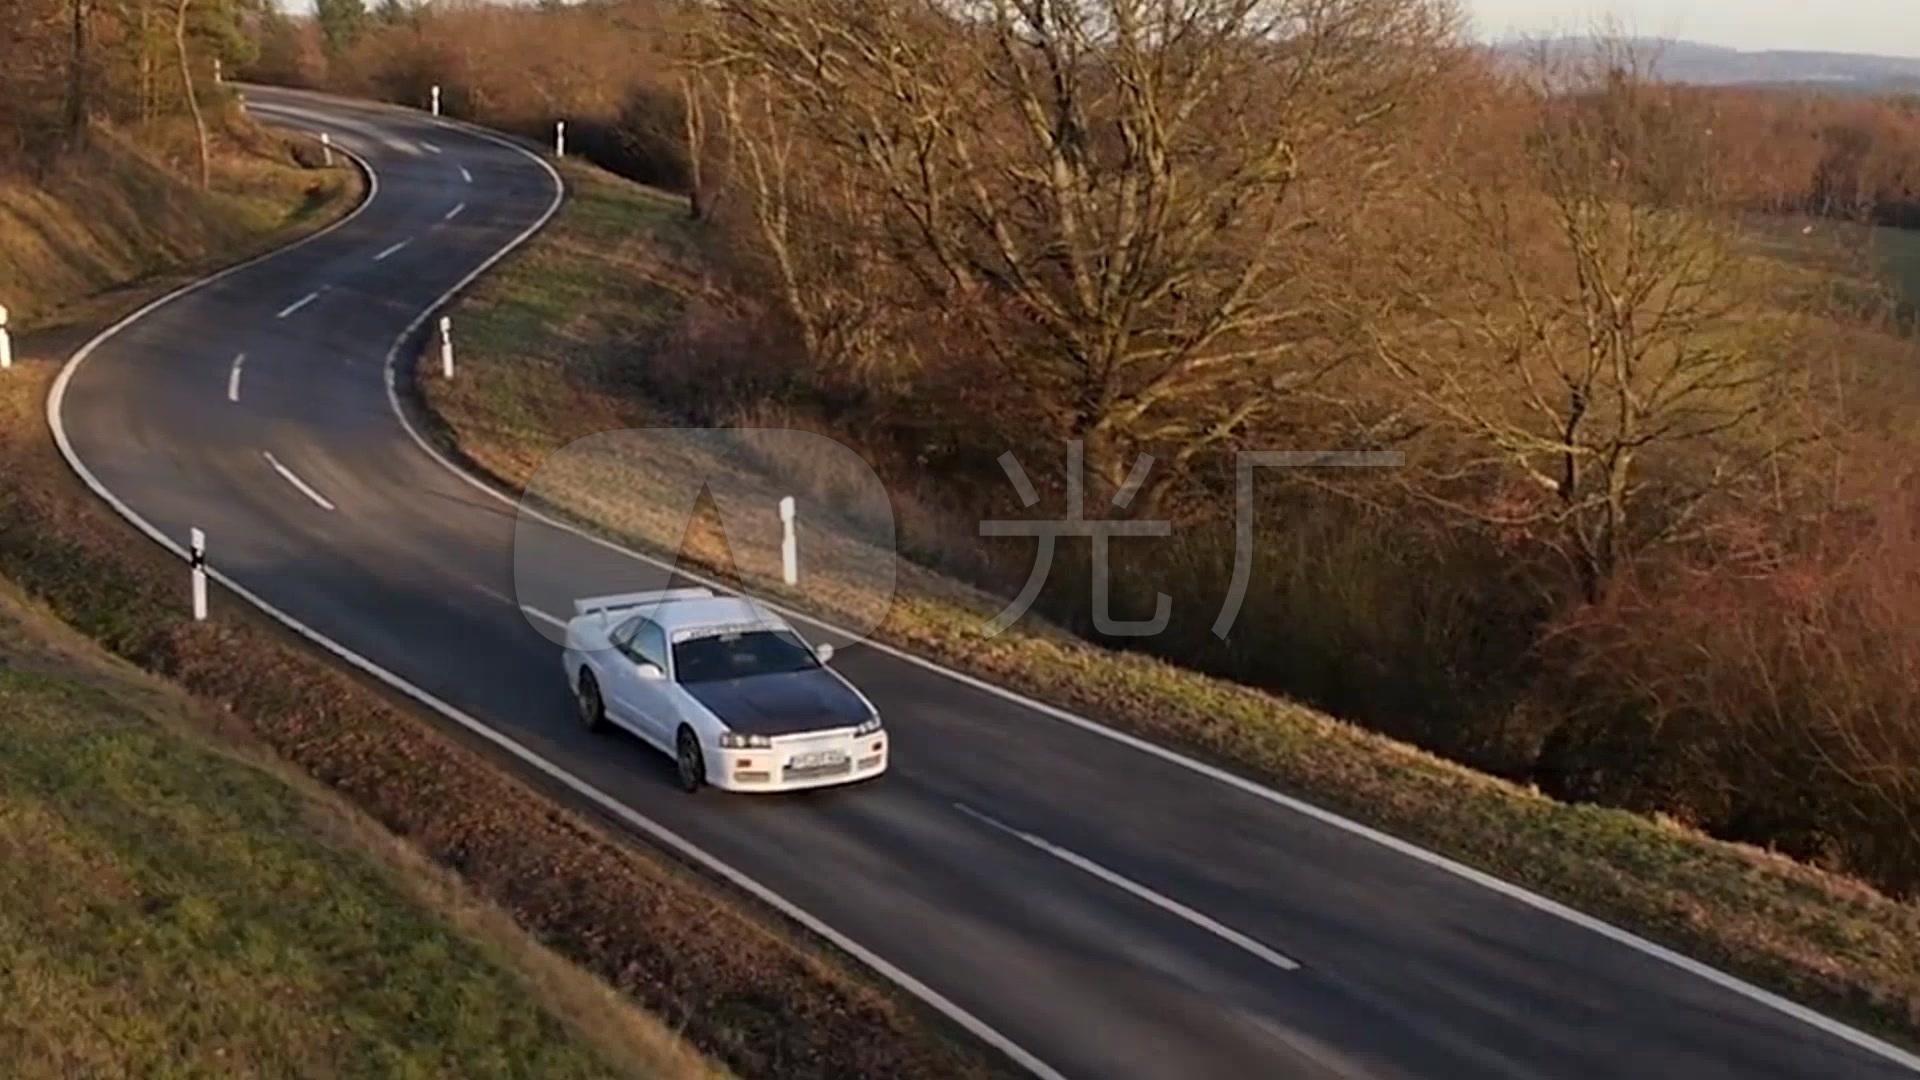 尼桑车路跑视频_1920X1080_素材视频素材下蔻v视频新高清图片